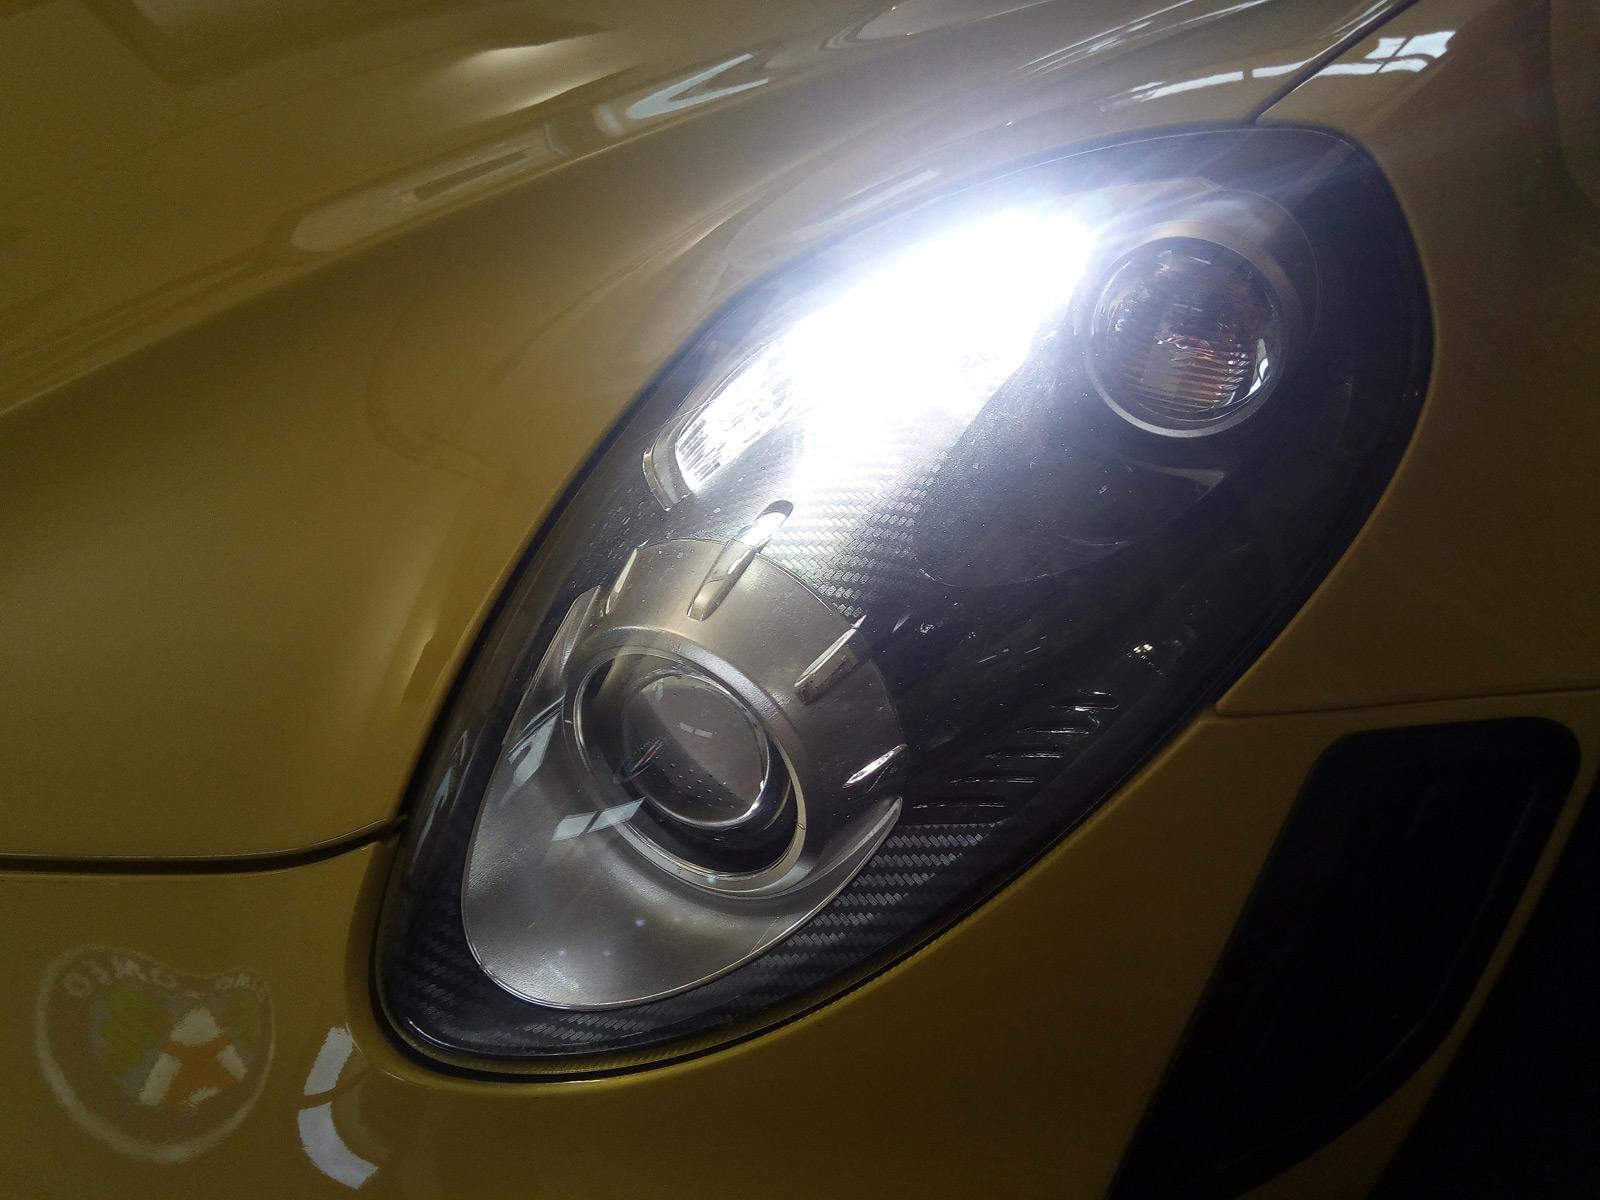 Angetrieben wird der Alfa Romeo 4C über einen Mittelmotor mit Sechsgang-Doppelkupplungsgetriebe